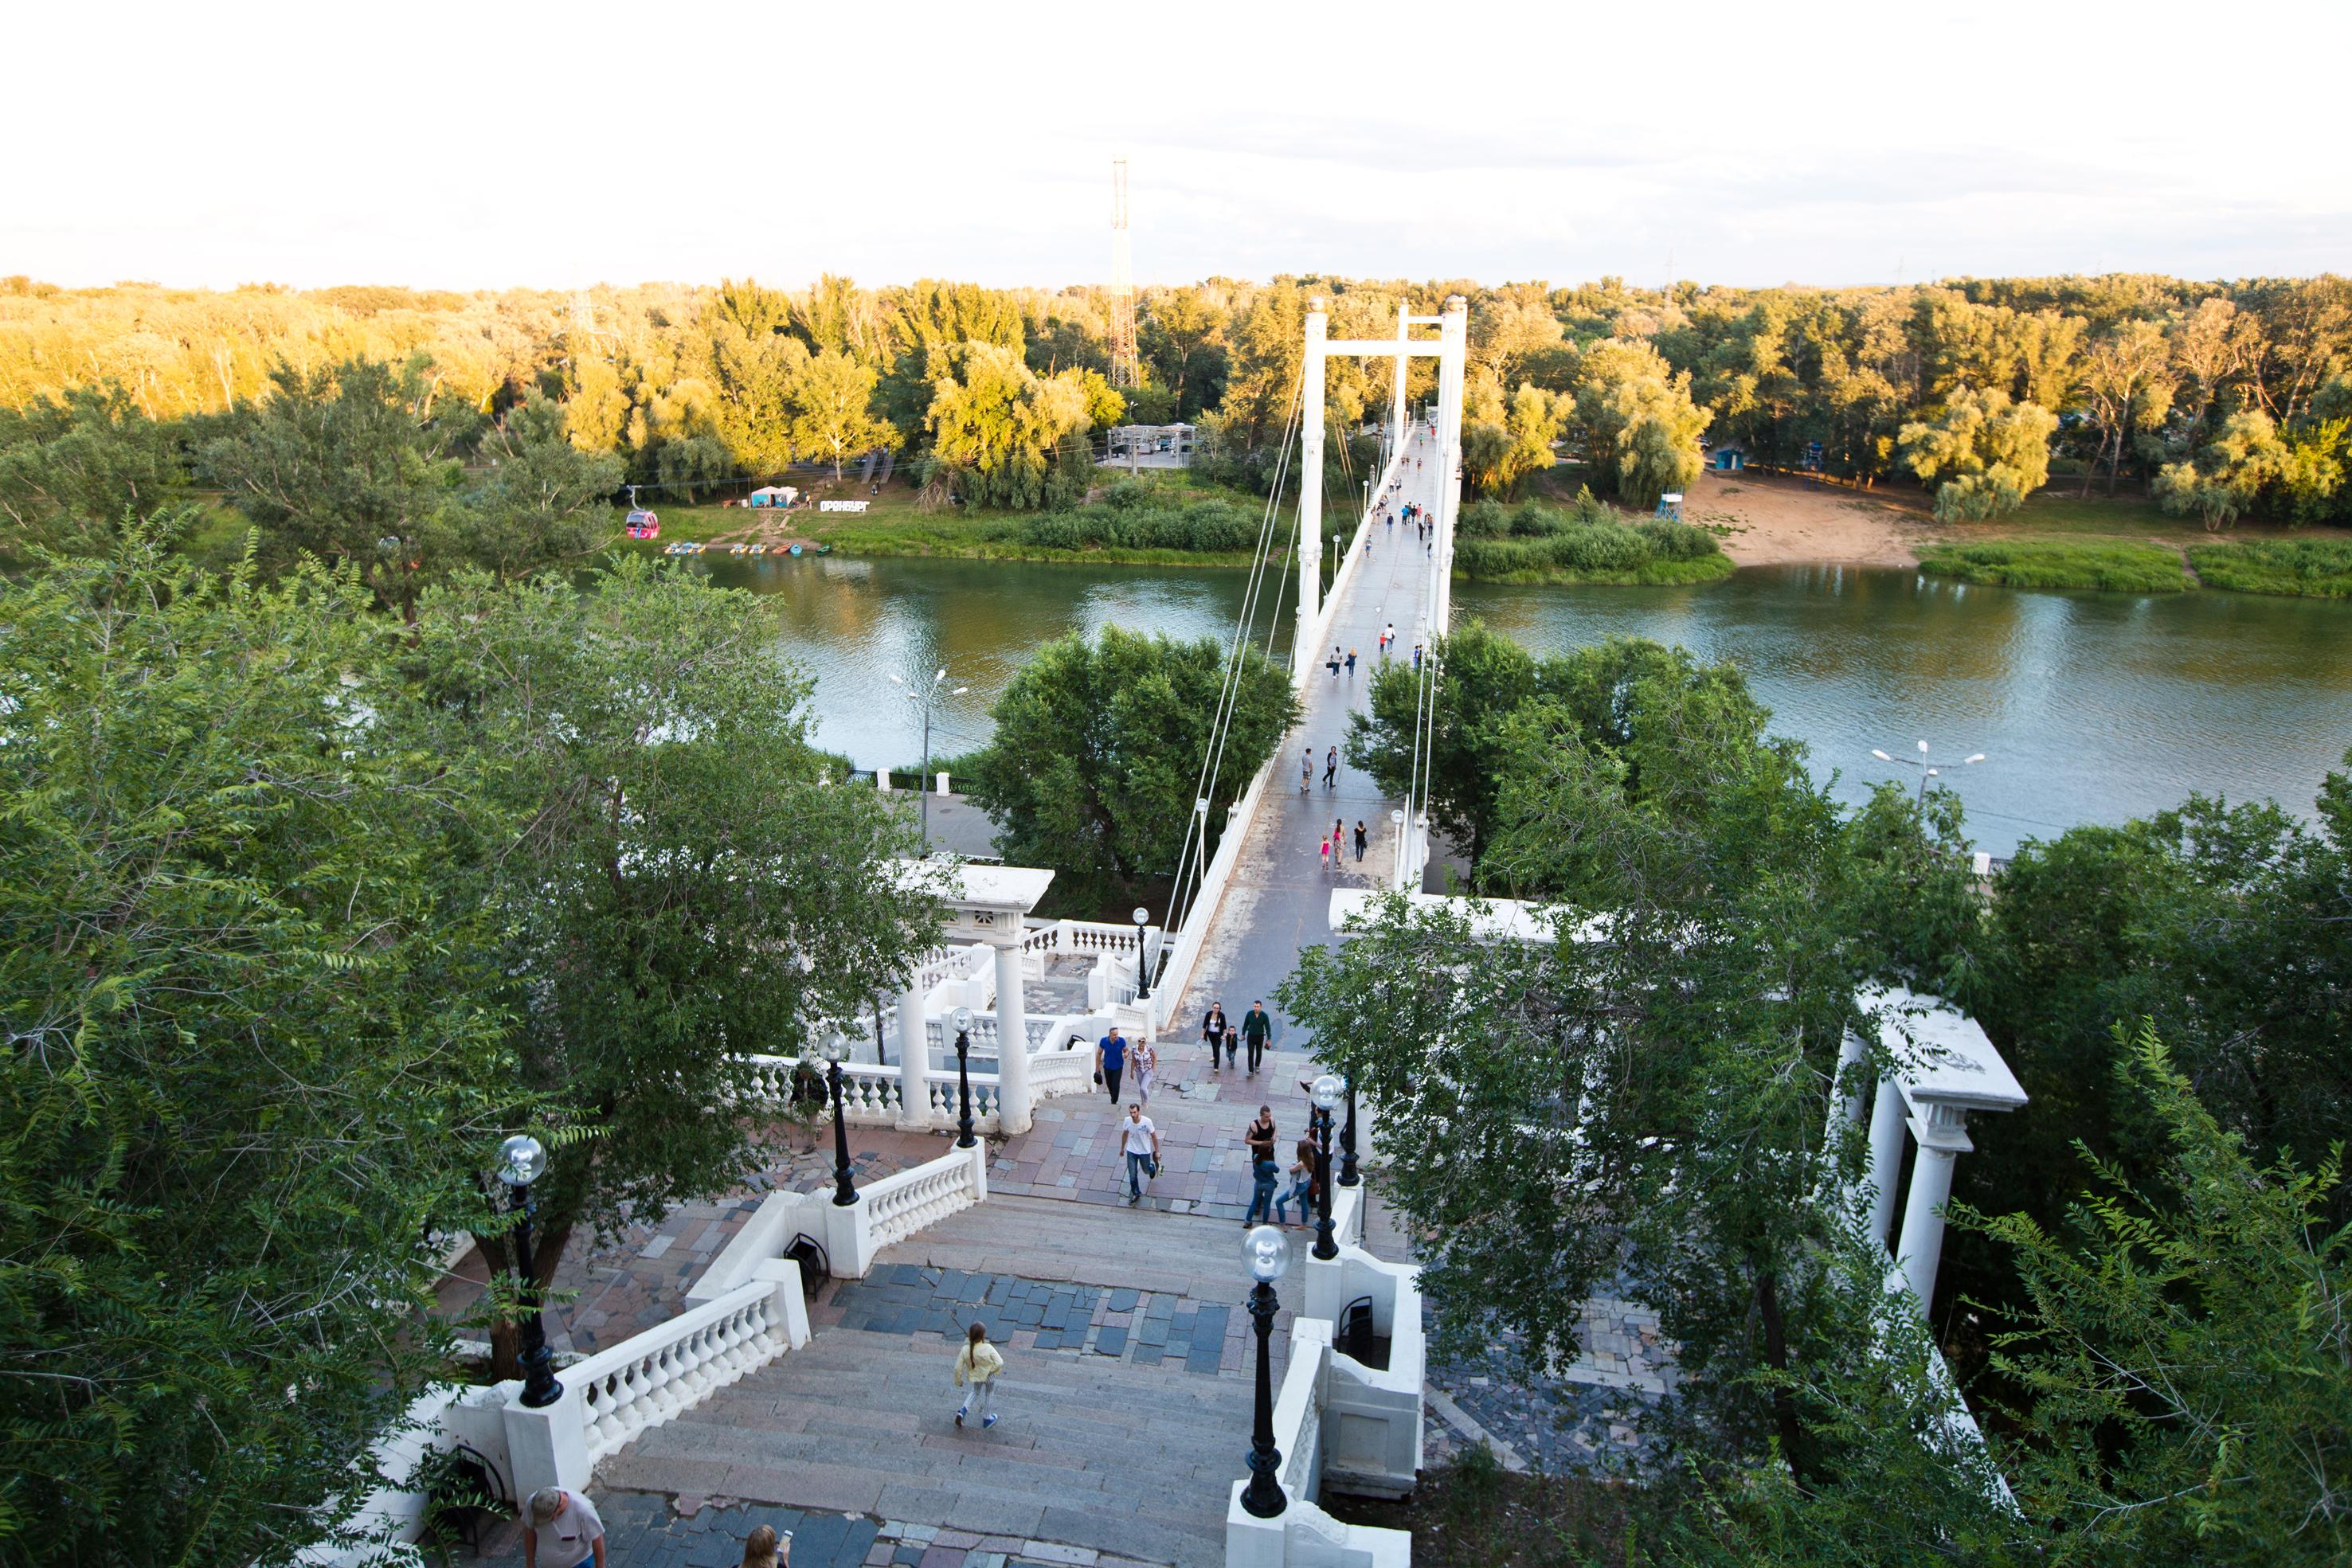 Город на реке Урал славен своими музеями, а также уникальными памятниками культуры и архитектуры